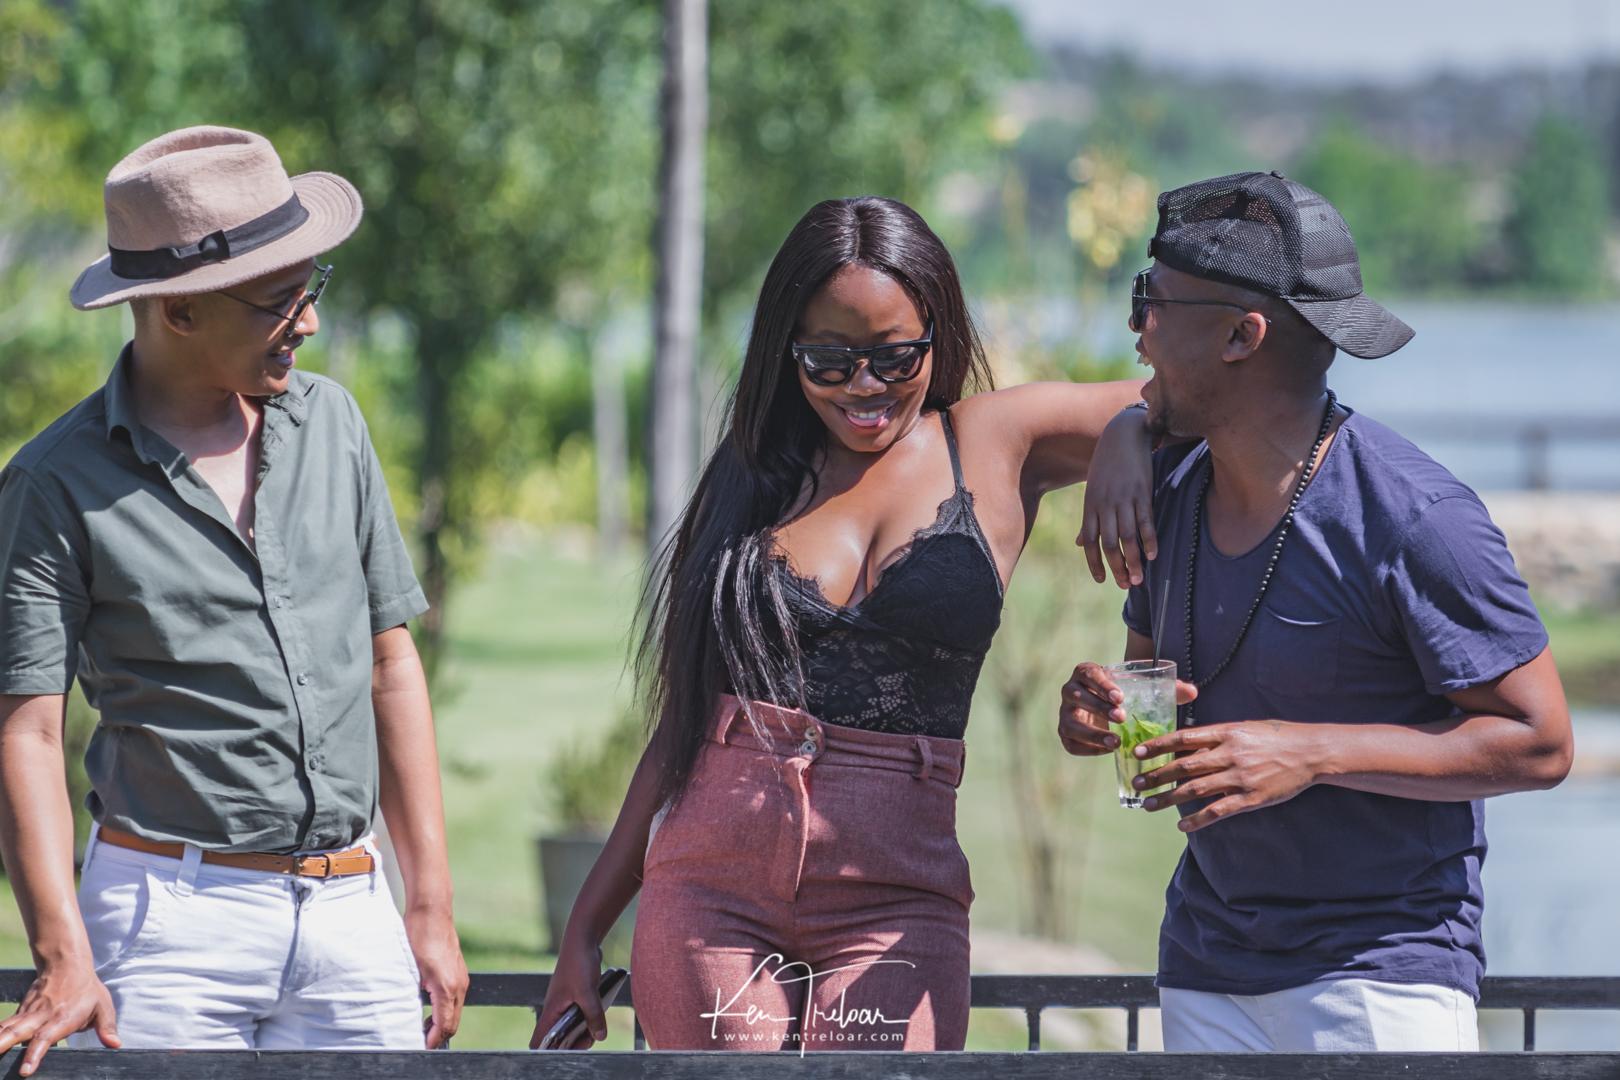 Ken Treloar Photography - Stellenbosch Brennaisance Best Friends photoshoot Cape Town B2-8.jpg